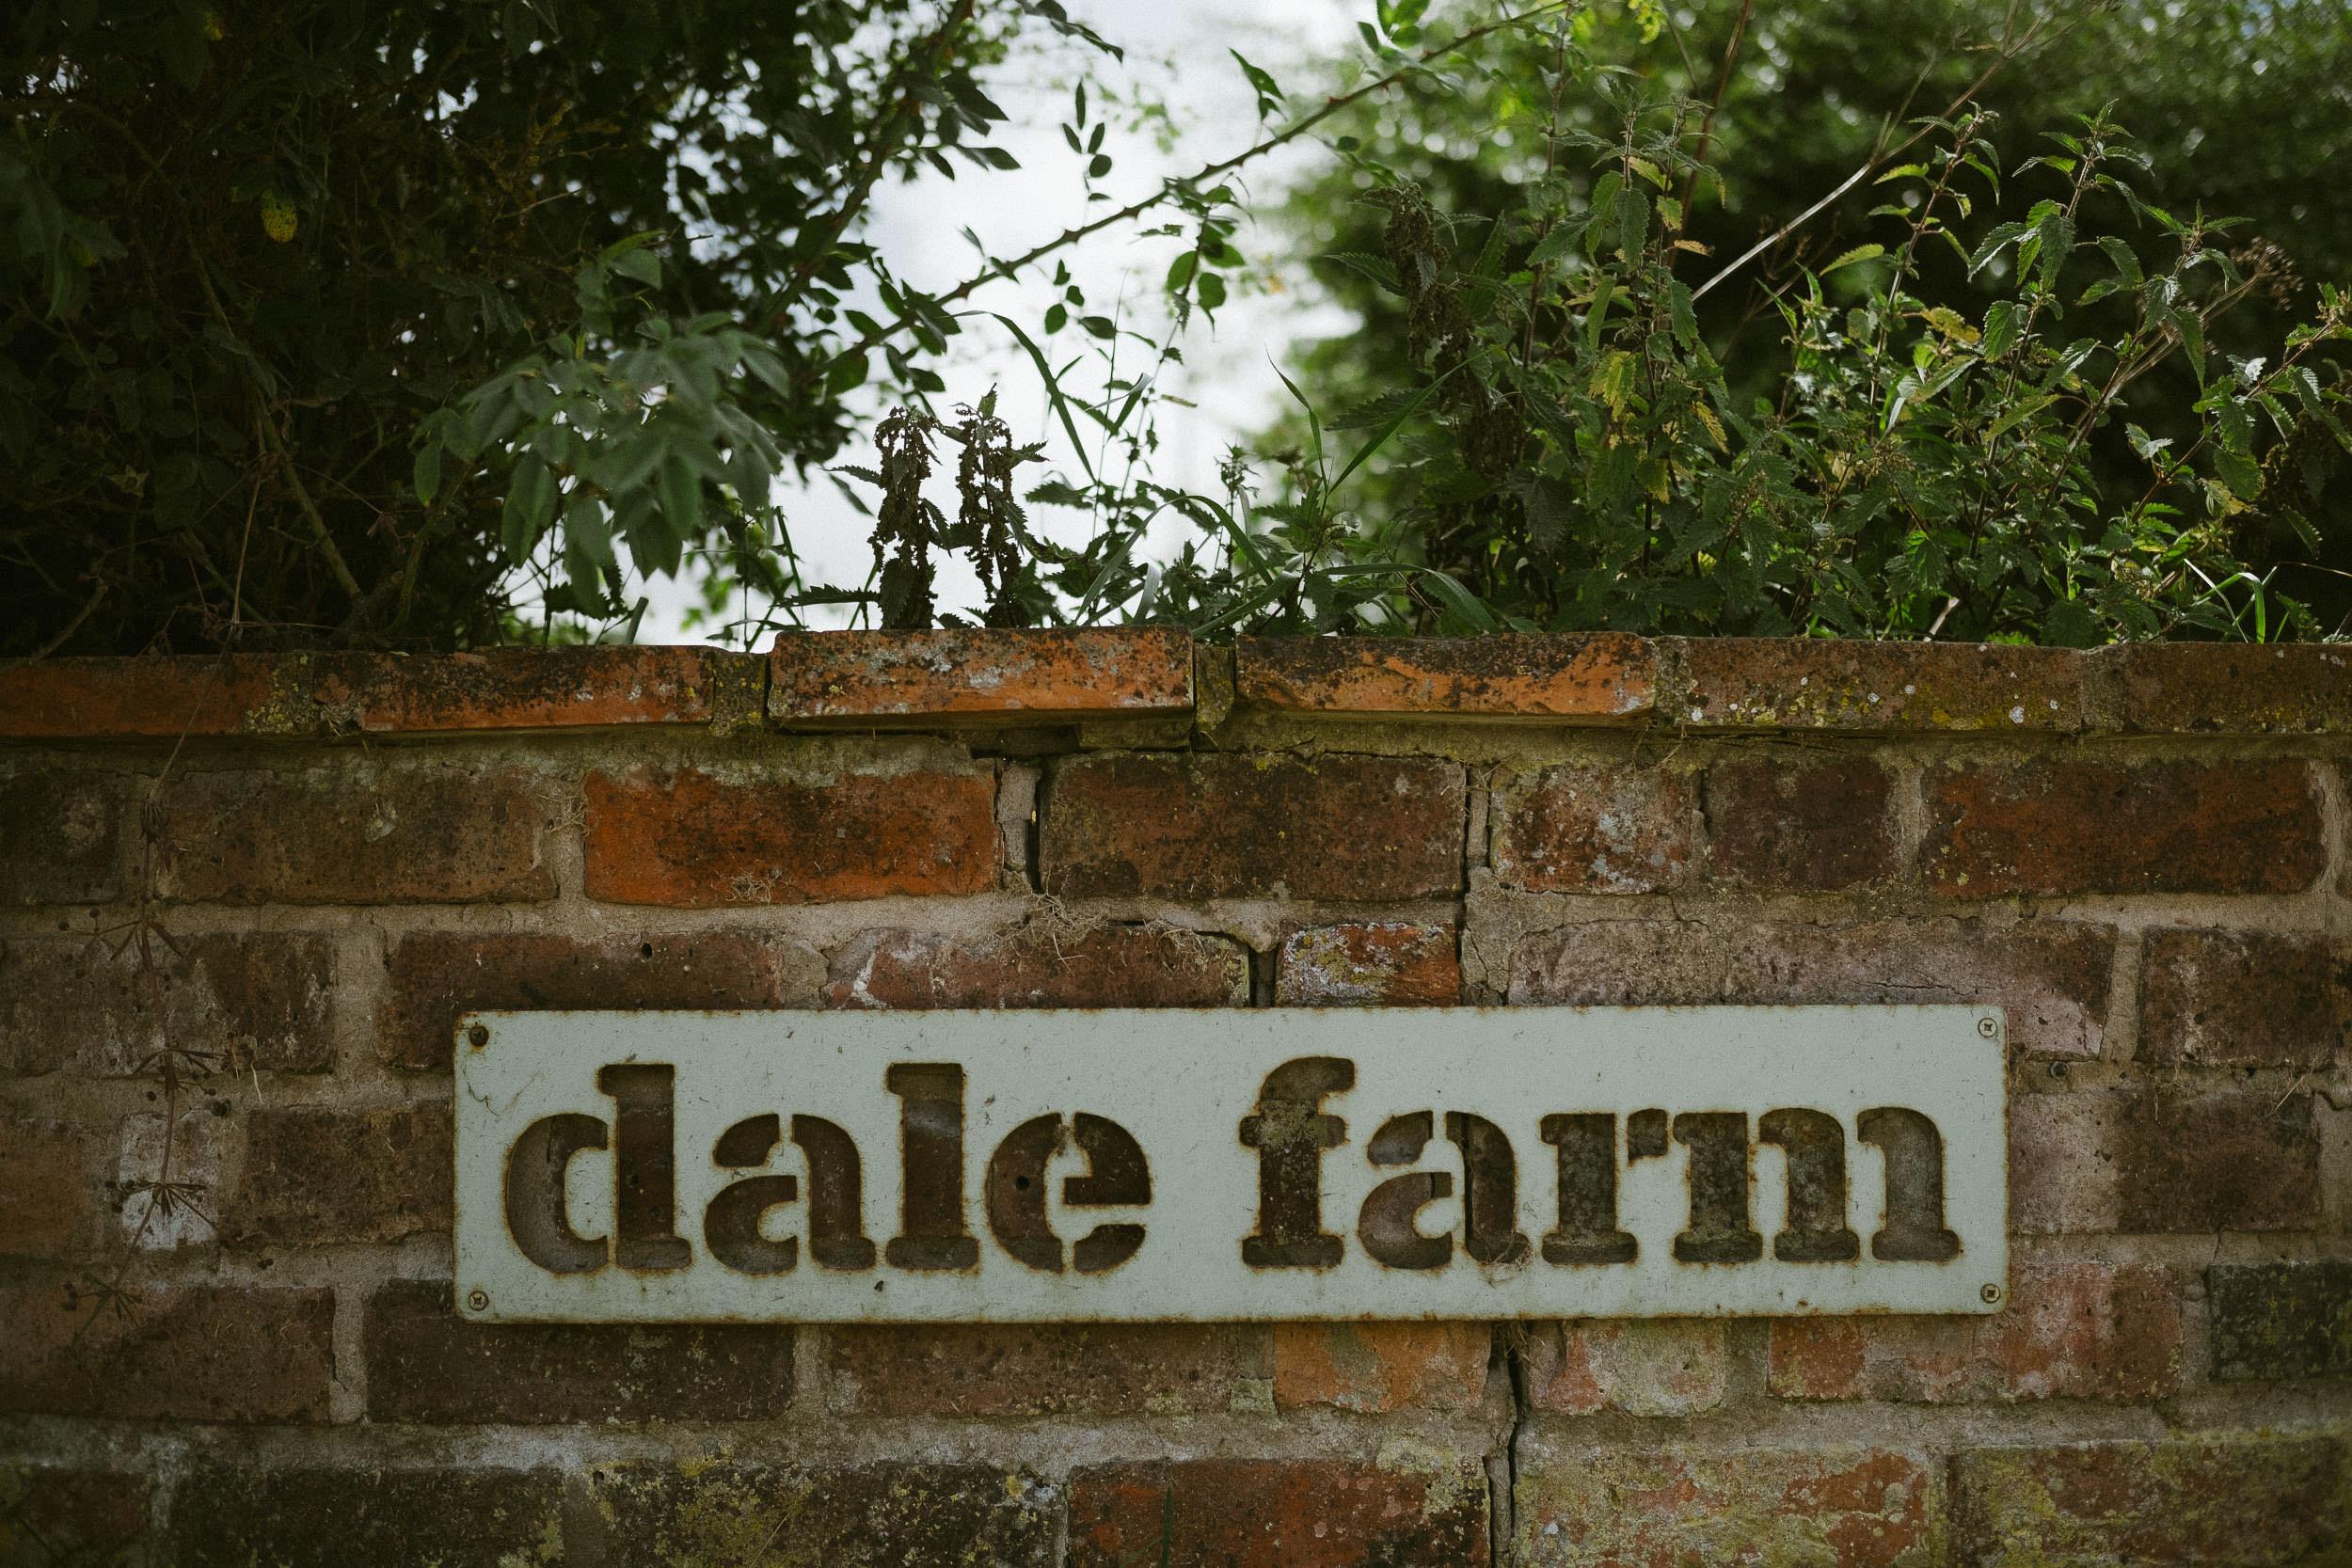 Dale Farm entrance sign